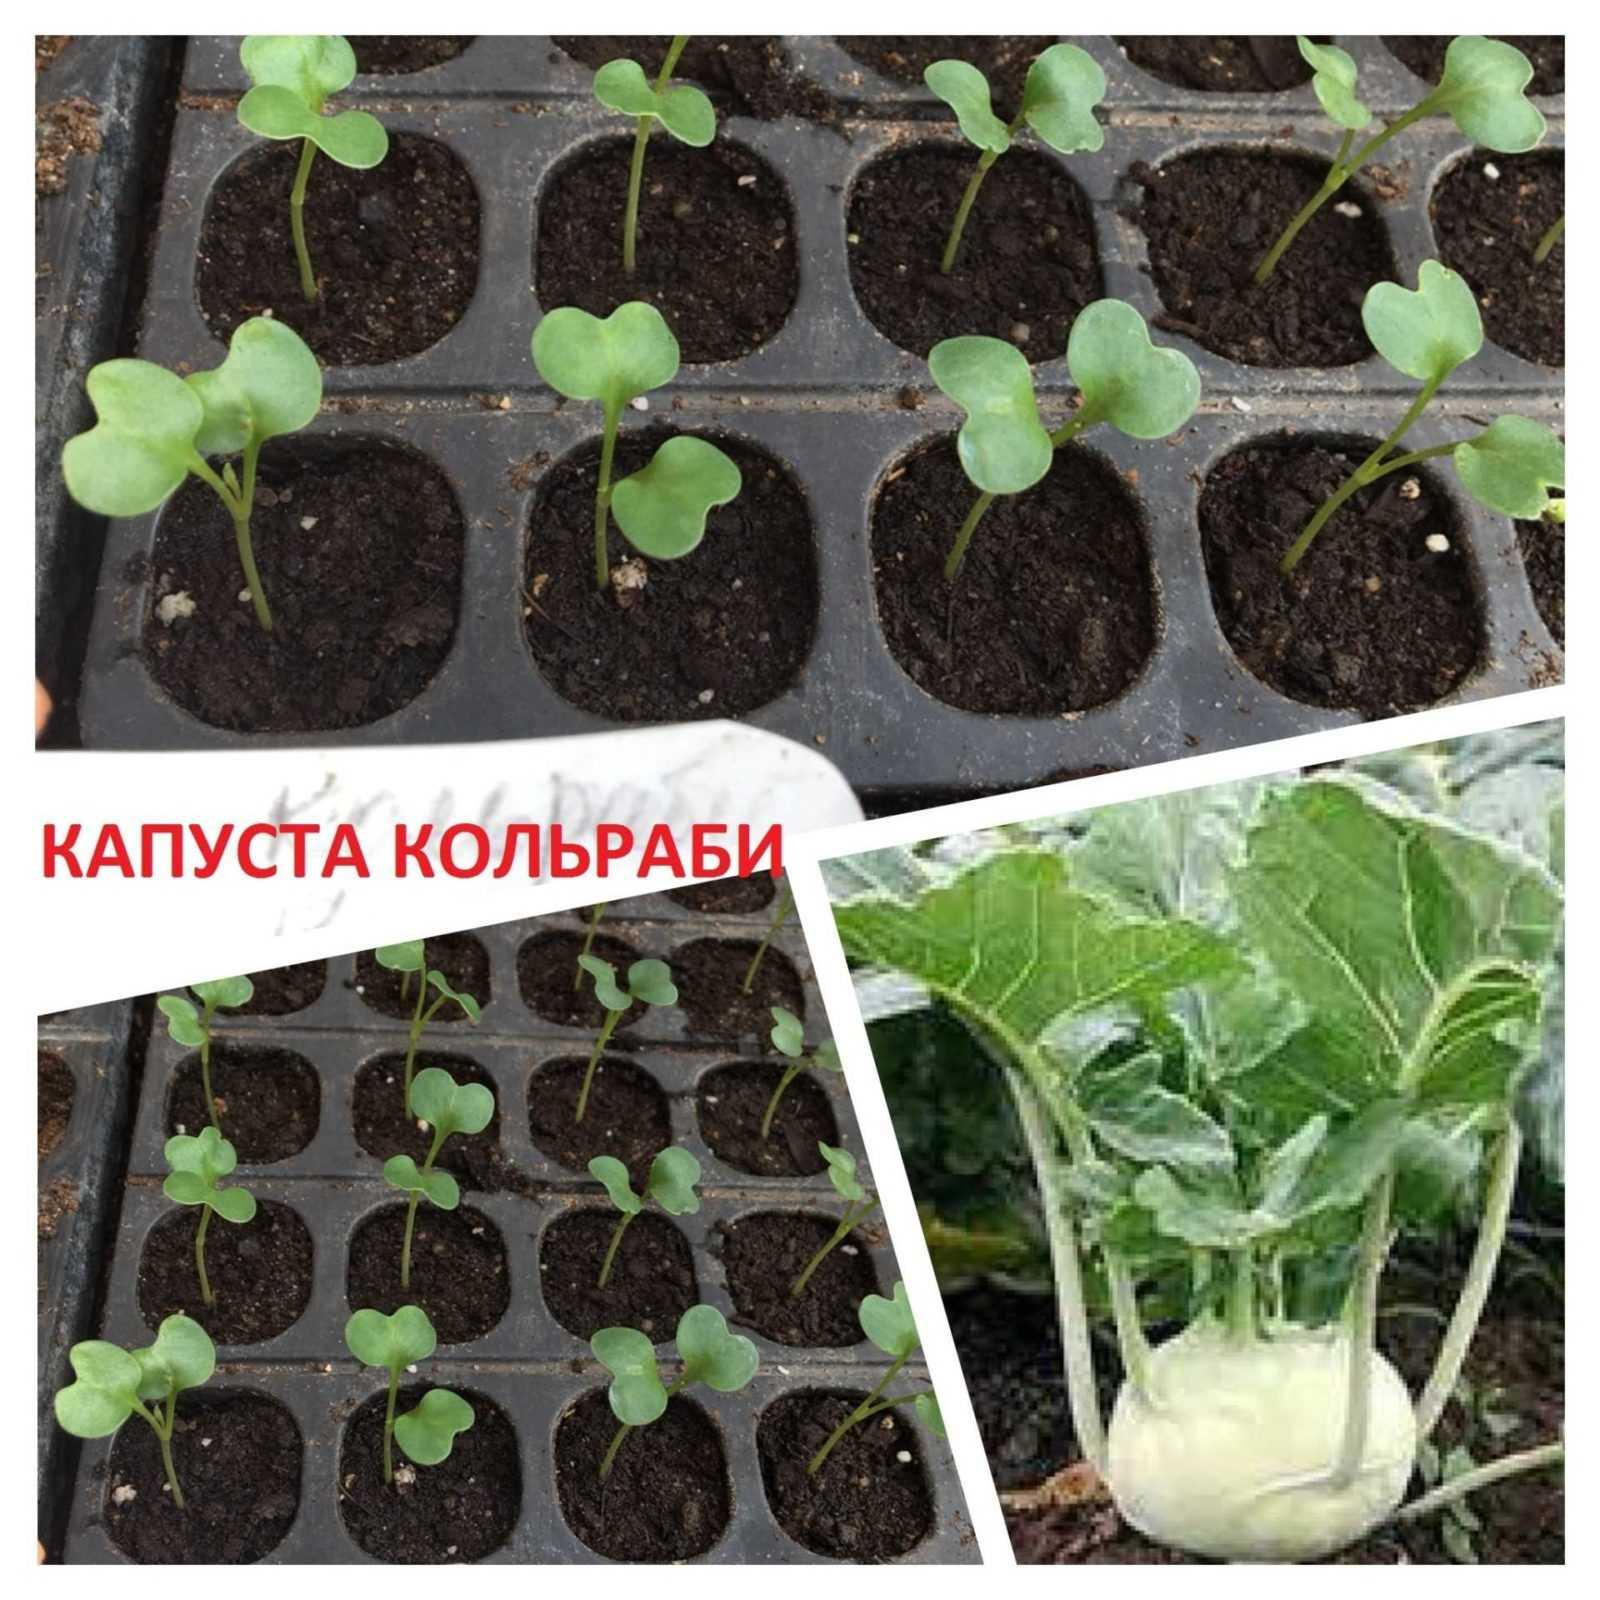 капуста кольраби как выращивать